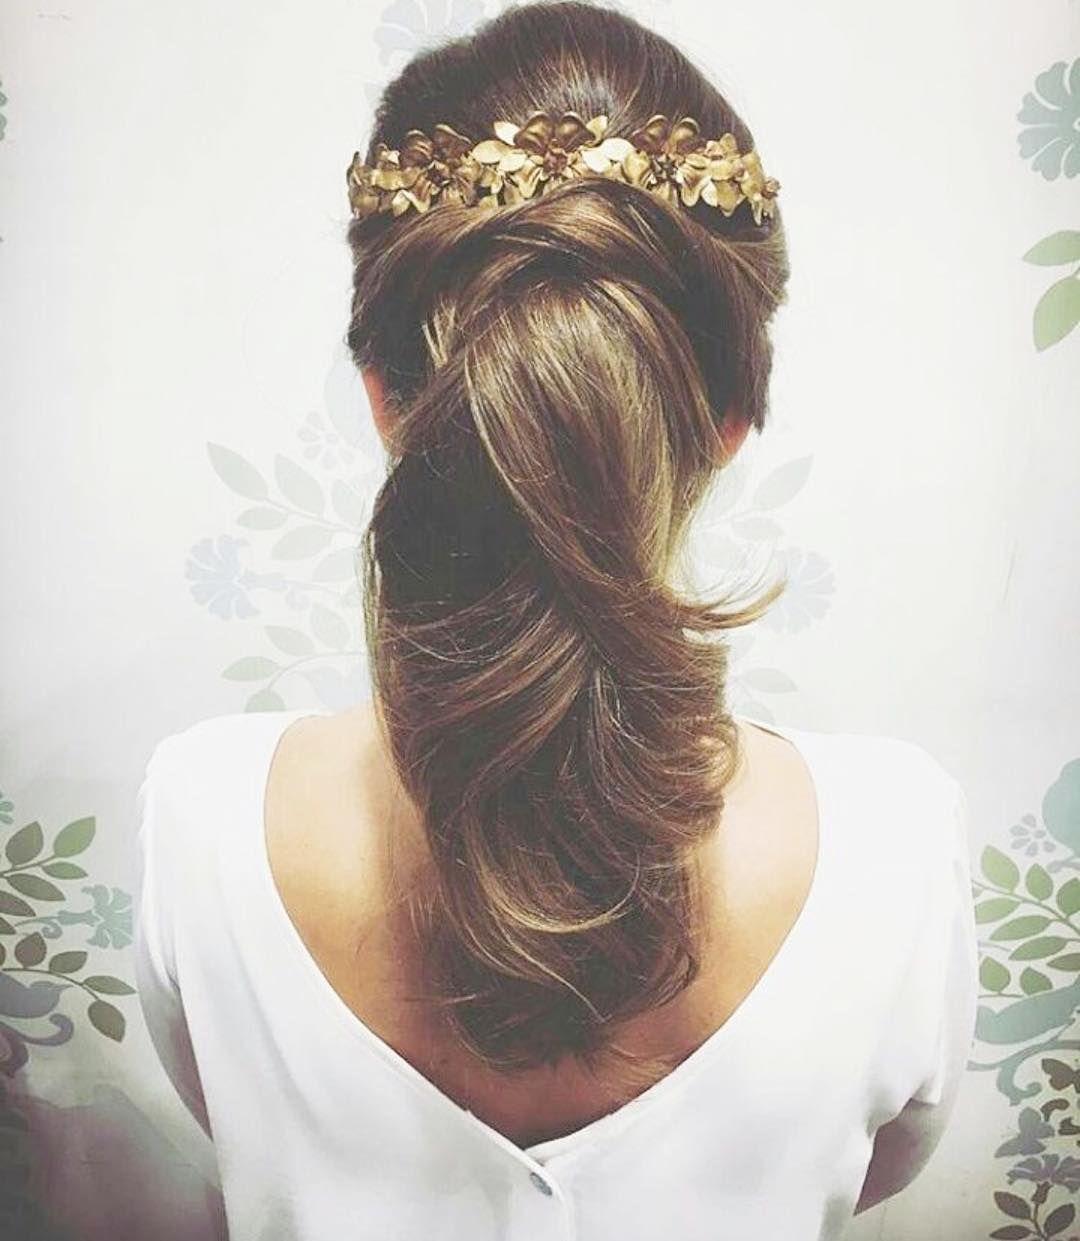 Kurdelalı Gelin Saçı Modeli Nasıl Yapılır